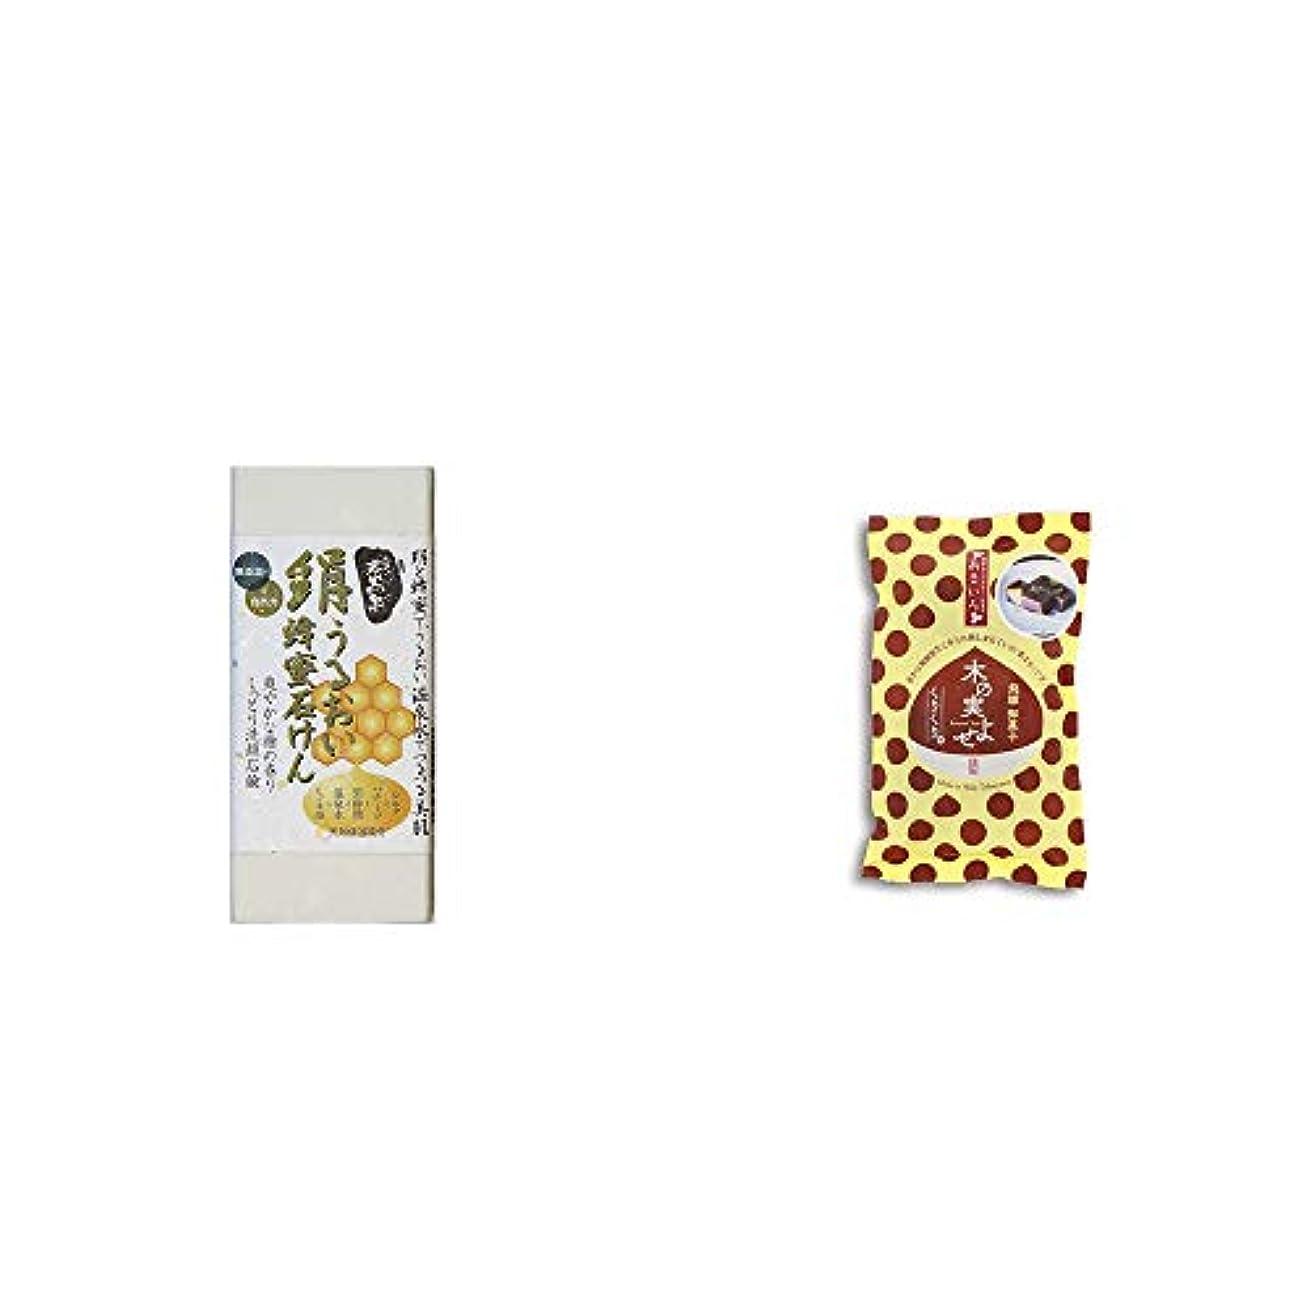 の配列カストディアン薬用[2点セット] ひのき炭黒泉 絹うるおい蜂蜜石けん(75g×2)?木の実よせ くりくり味(5個入)